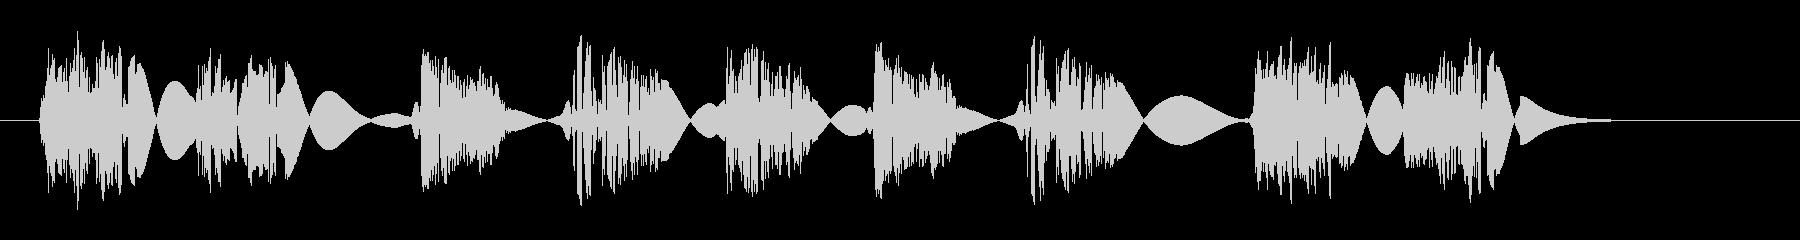 クイックスタッターバンプスイープの未再生の波形